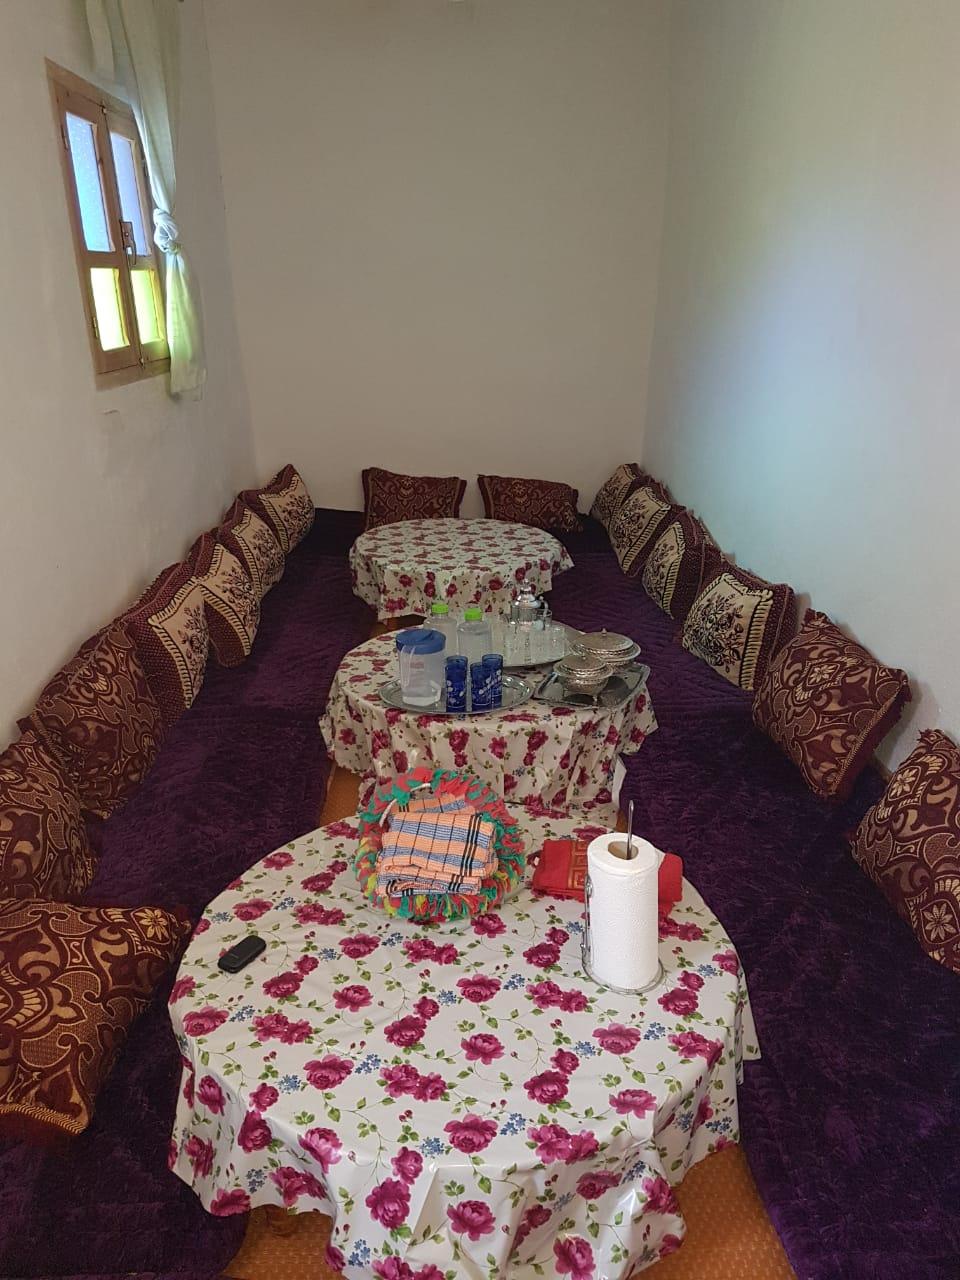 Opération «Chambres d'hôtes au Mellah de Debdou». Un projet solidaire pour la mémoire et pour le développement de la ville